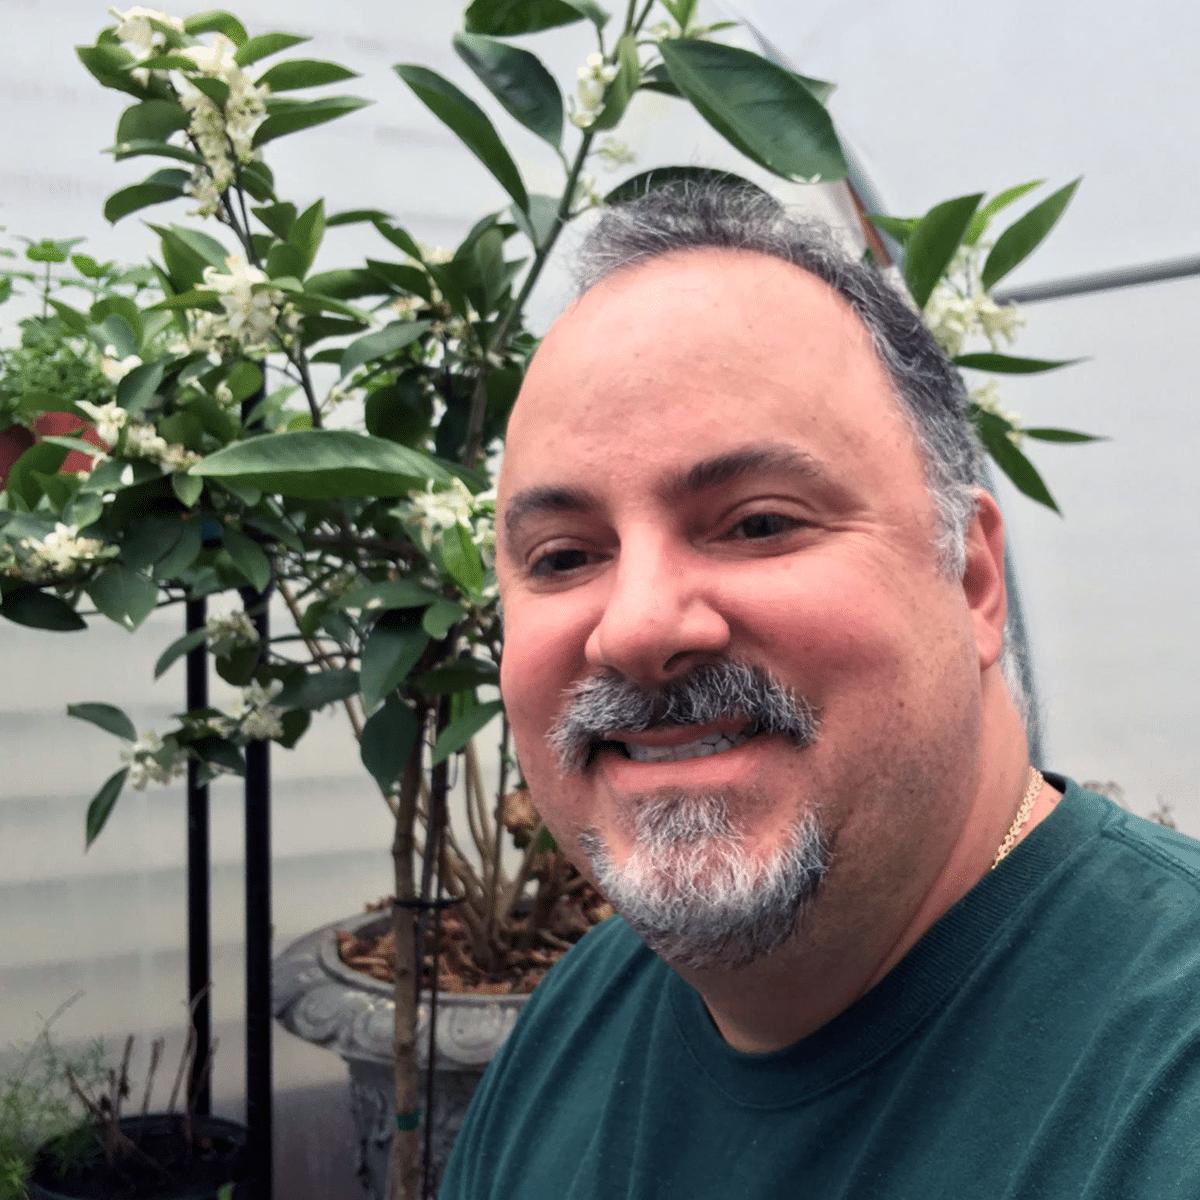 Paul Koutroulakis - Grow With Google - Udacity